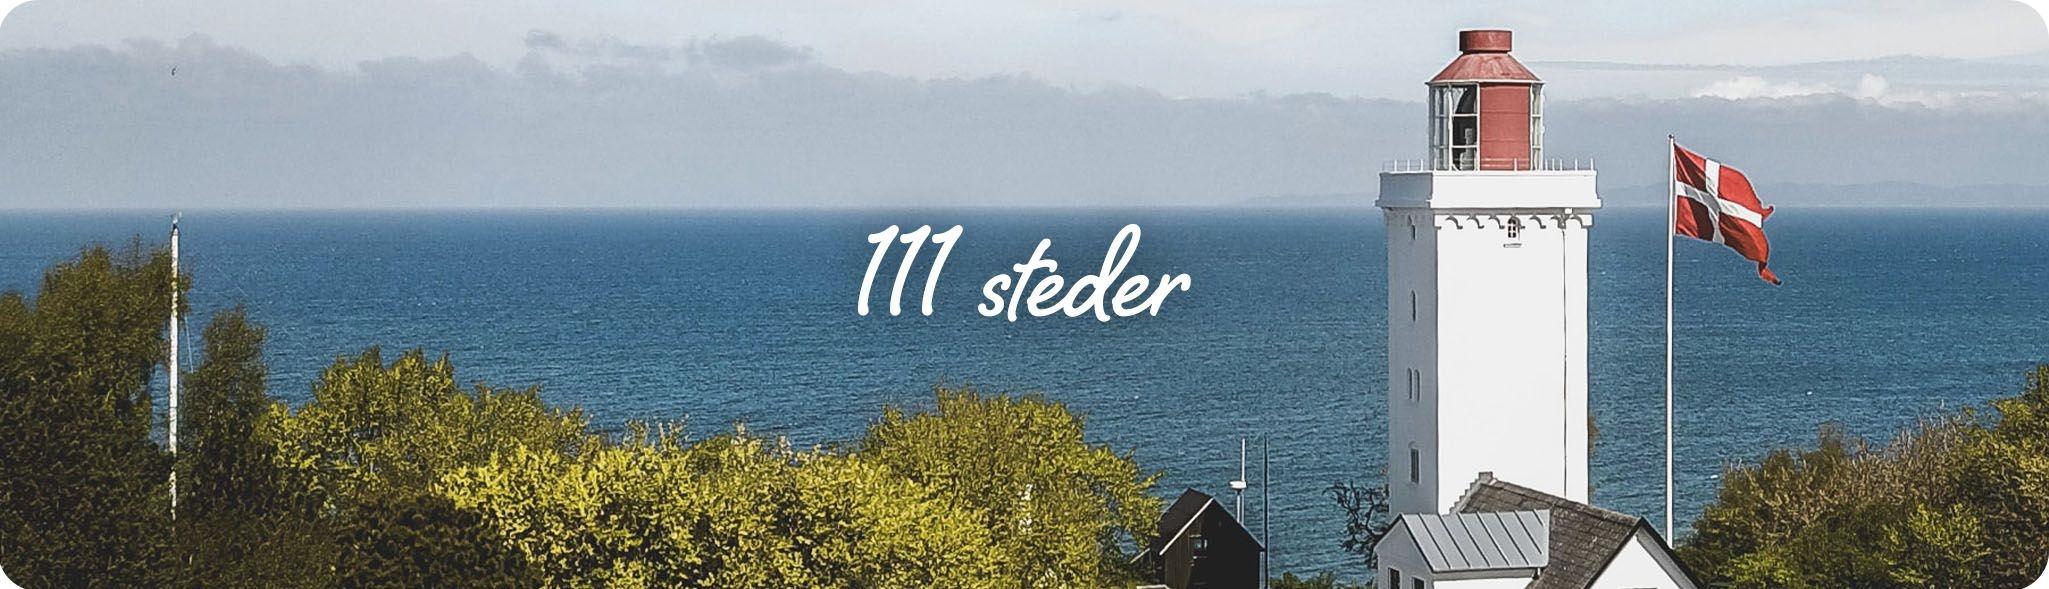 111 steder i Danmark